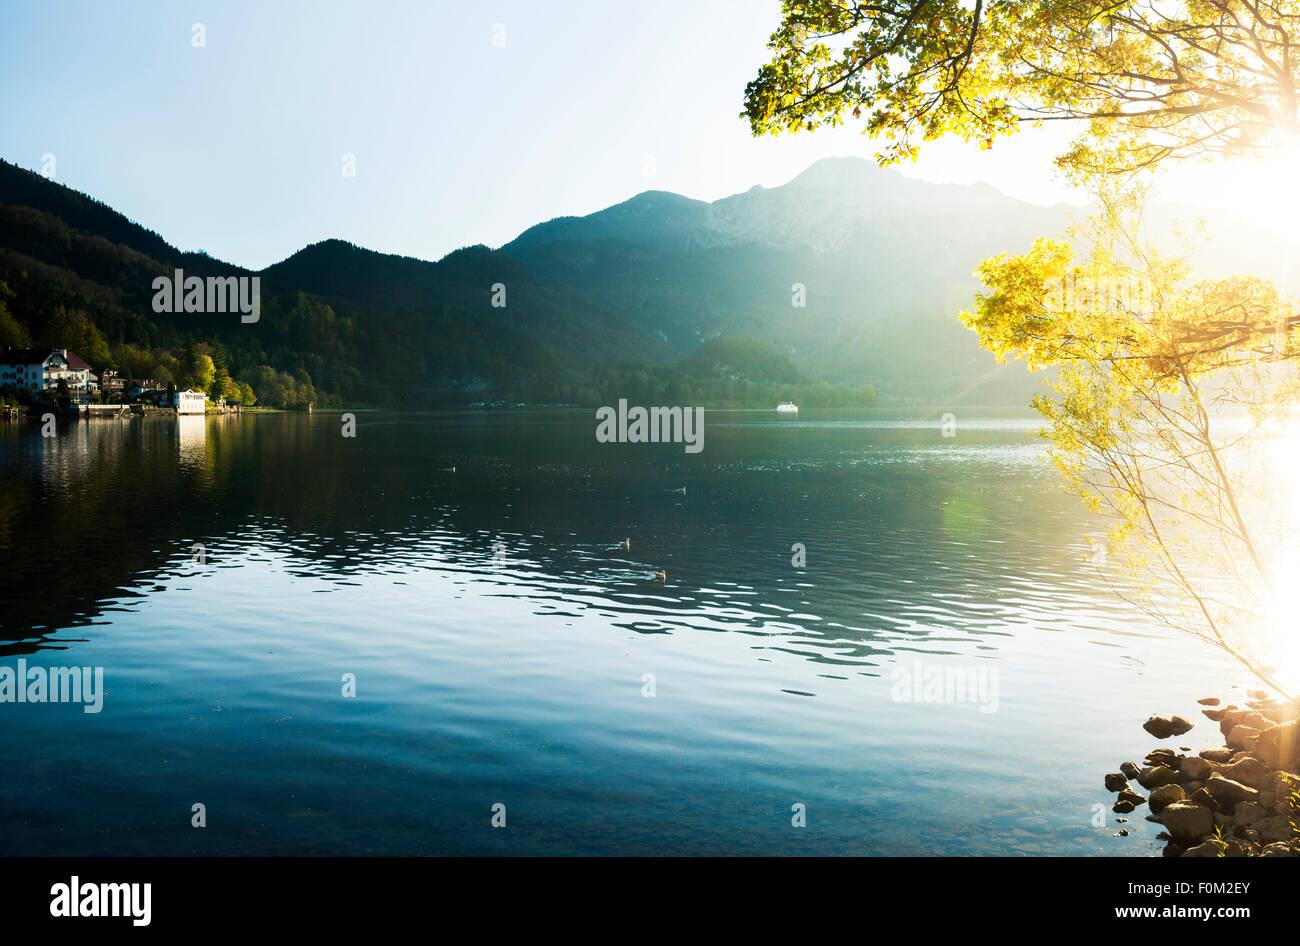 Sunset on Lake Kochel, Bavaria, Germany - Stock Image